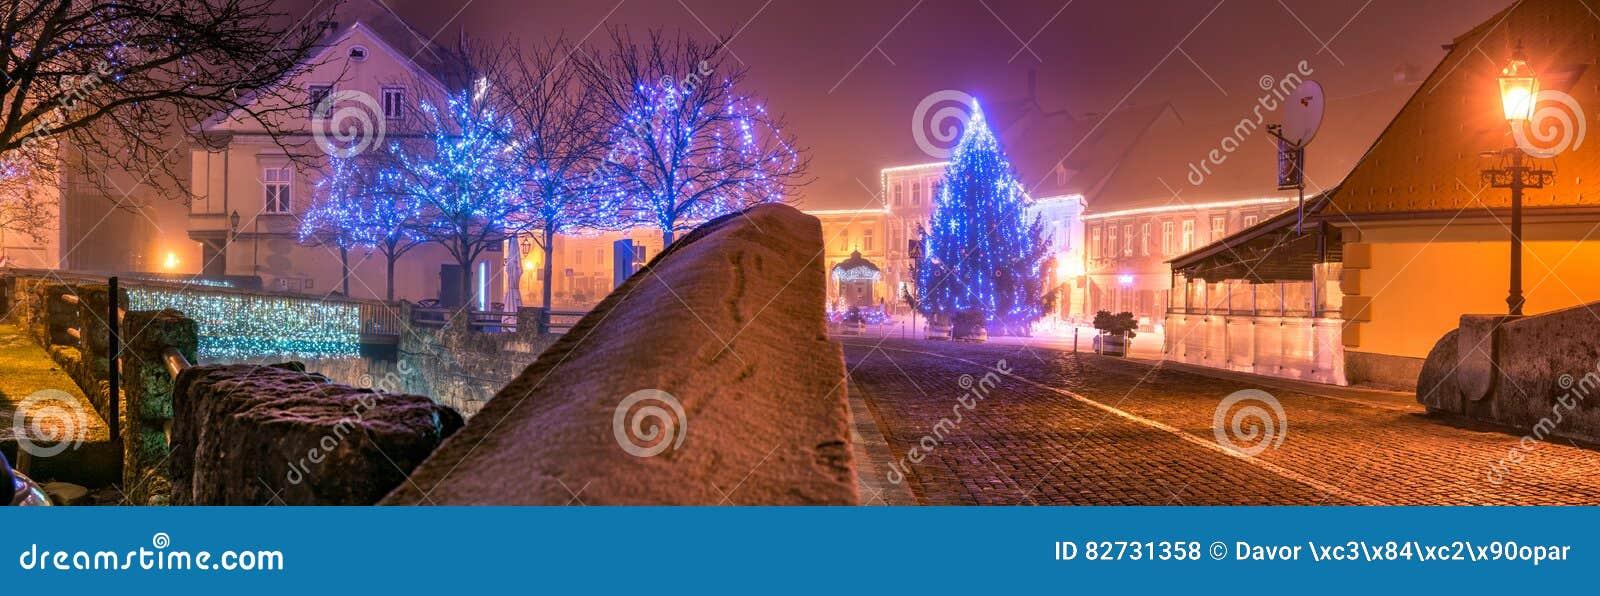 Weihnachten In Kroatien.Weihnachten Licht Samobor Kroatien Redaktionelles Stockfoto Bild